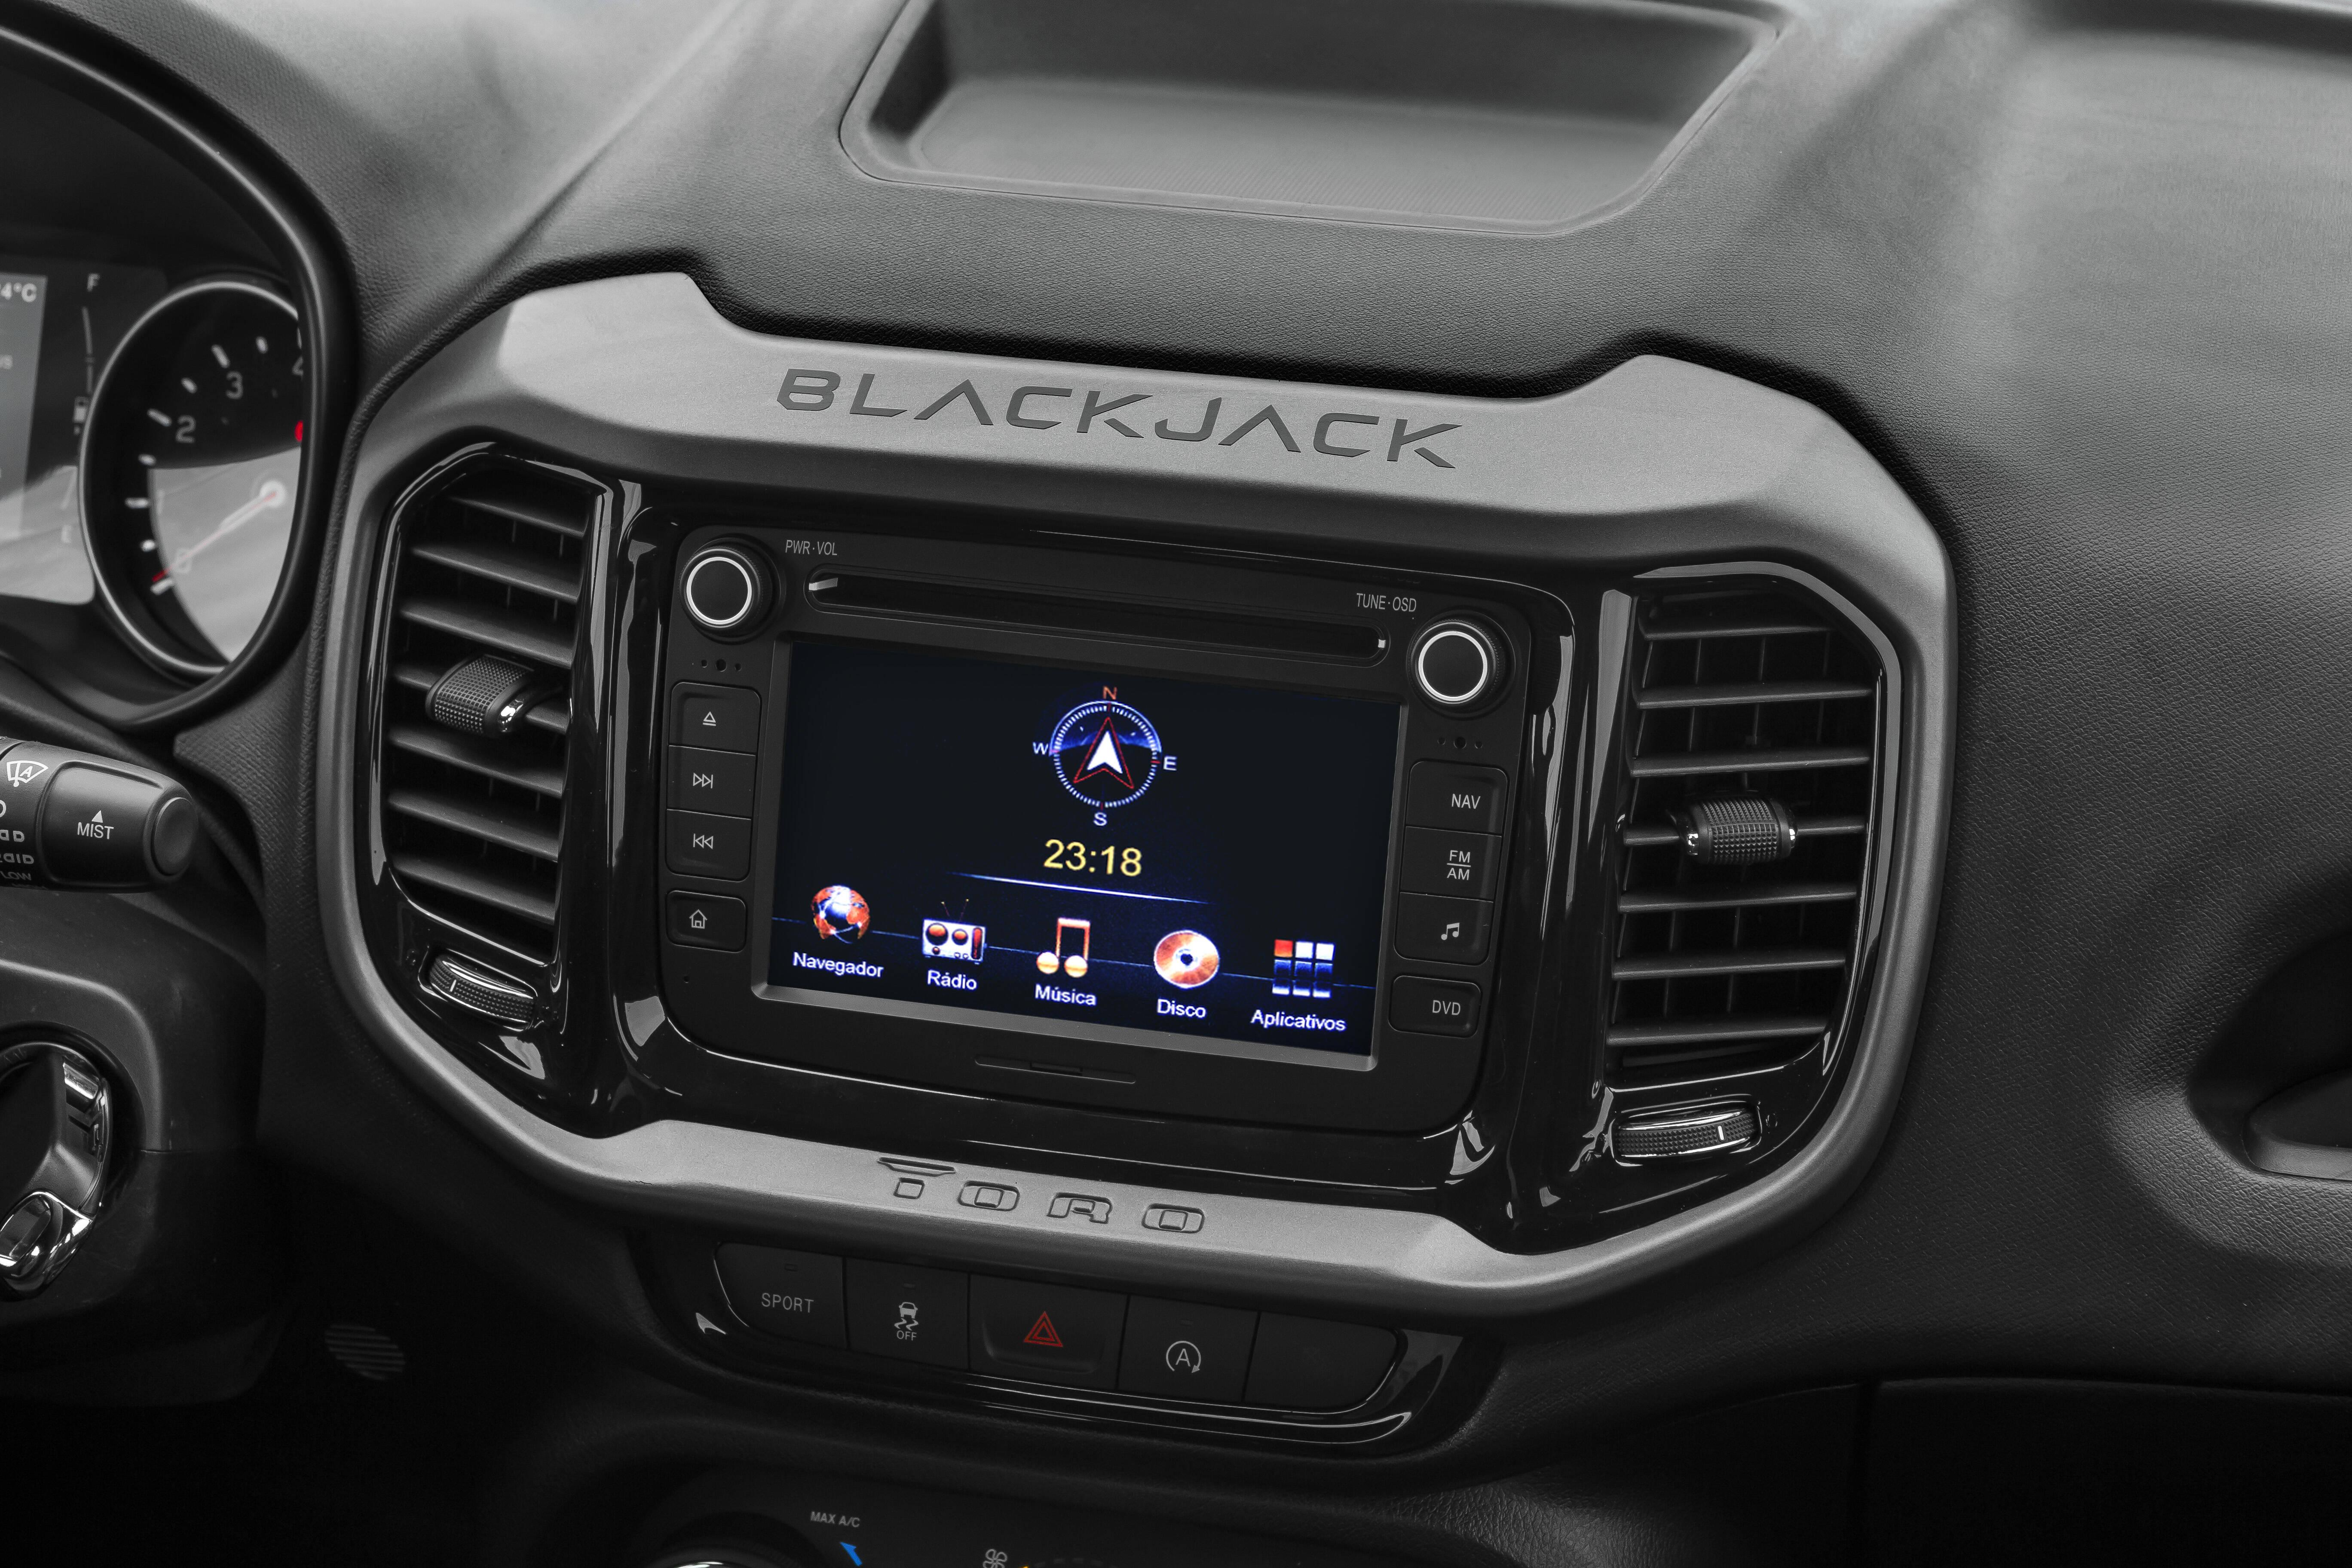 Fiat Toro Blackjack. Foto: Divulgação